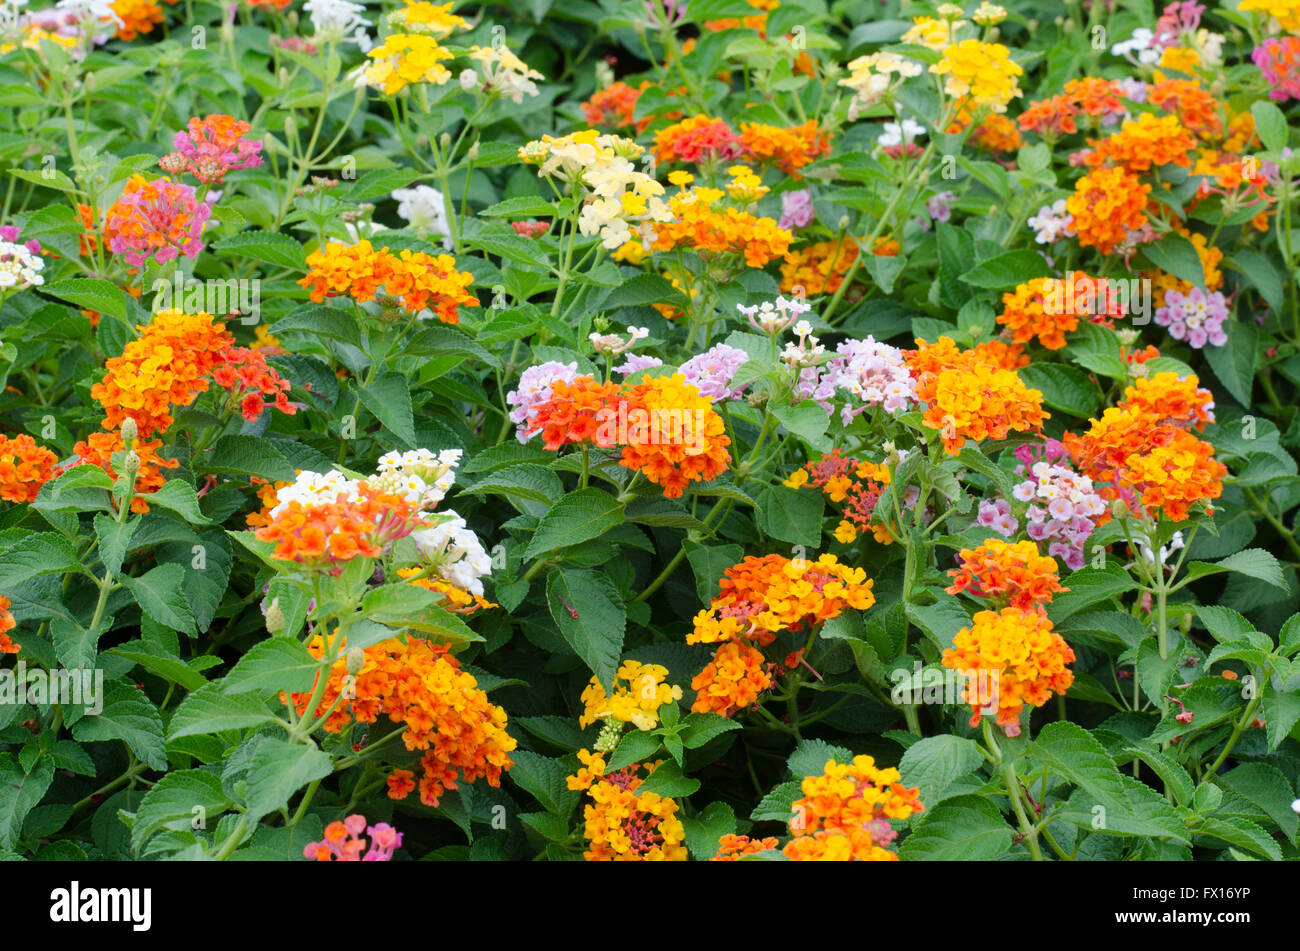 lantana flowers - Stock Image